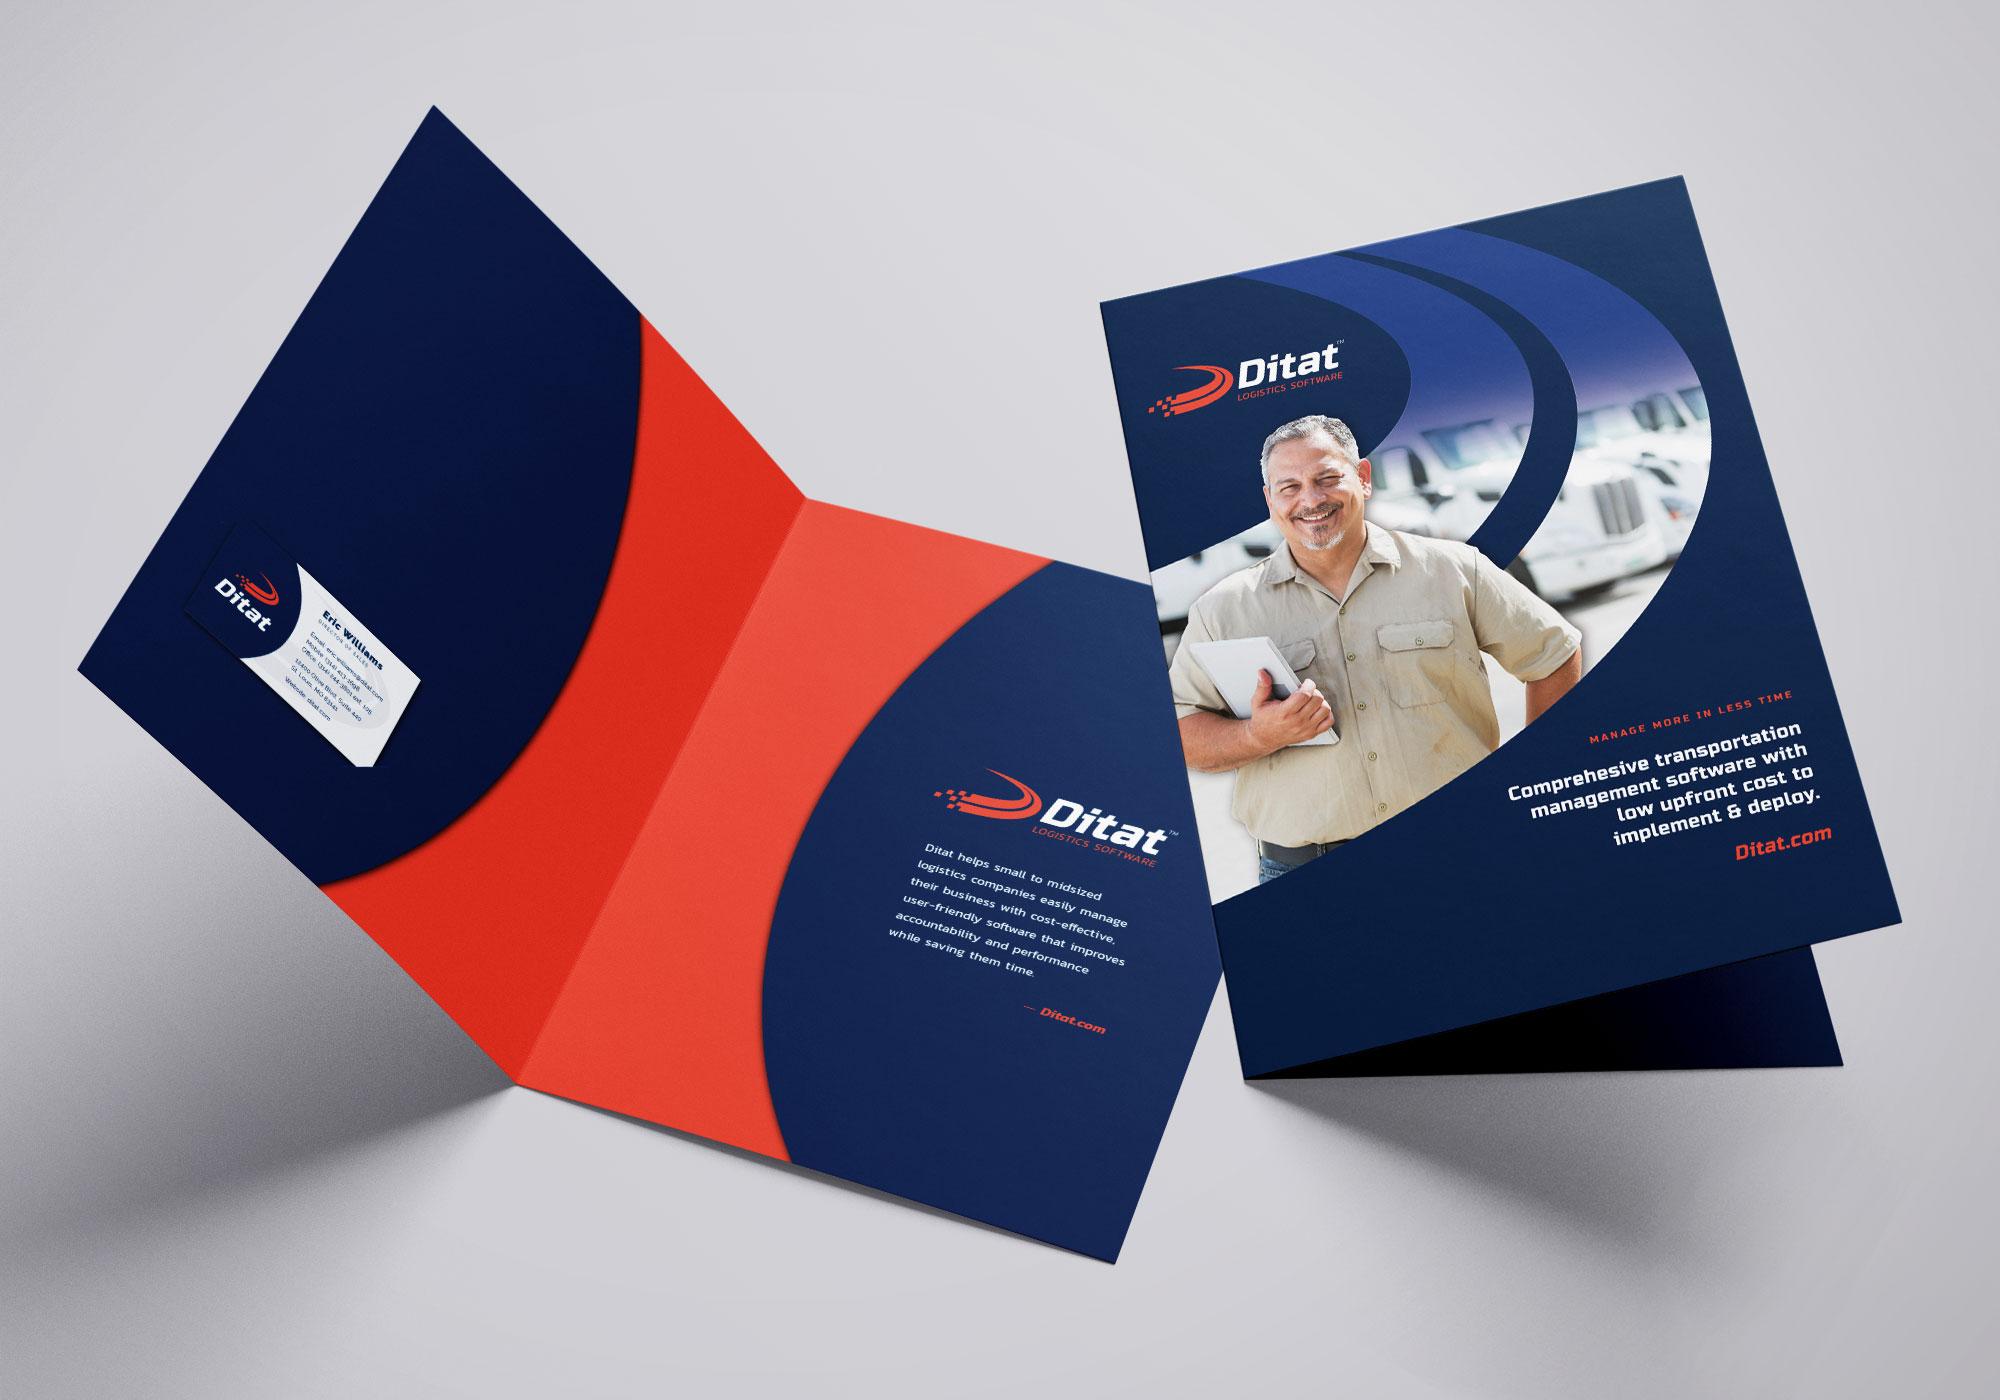 Ditat Folder Design cover & inside